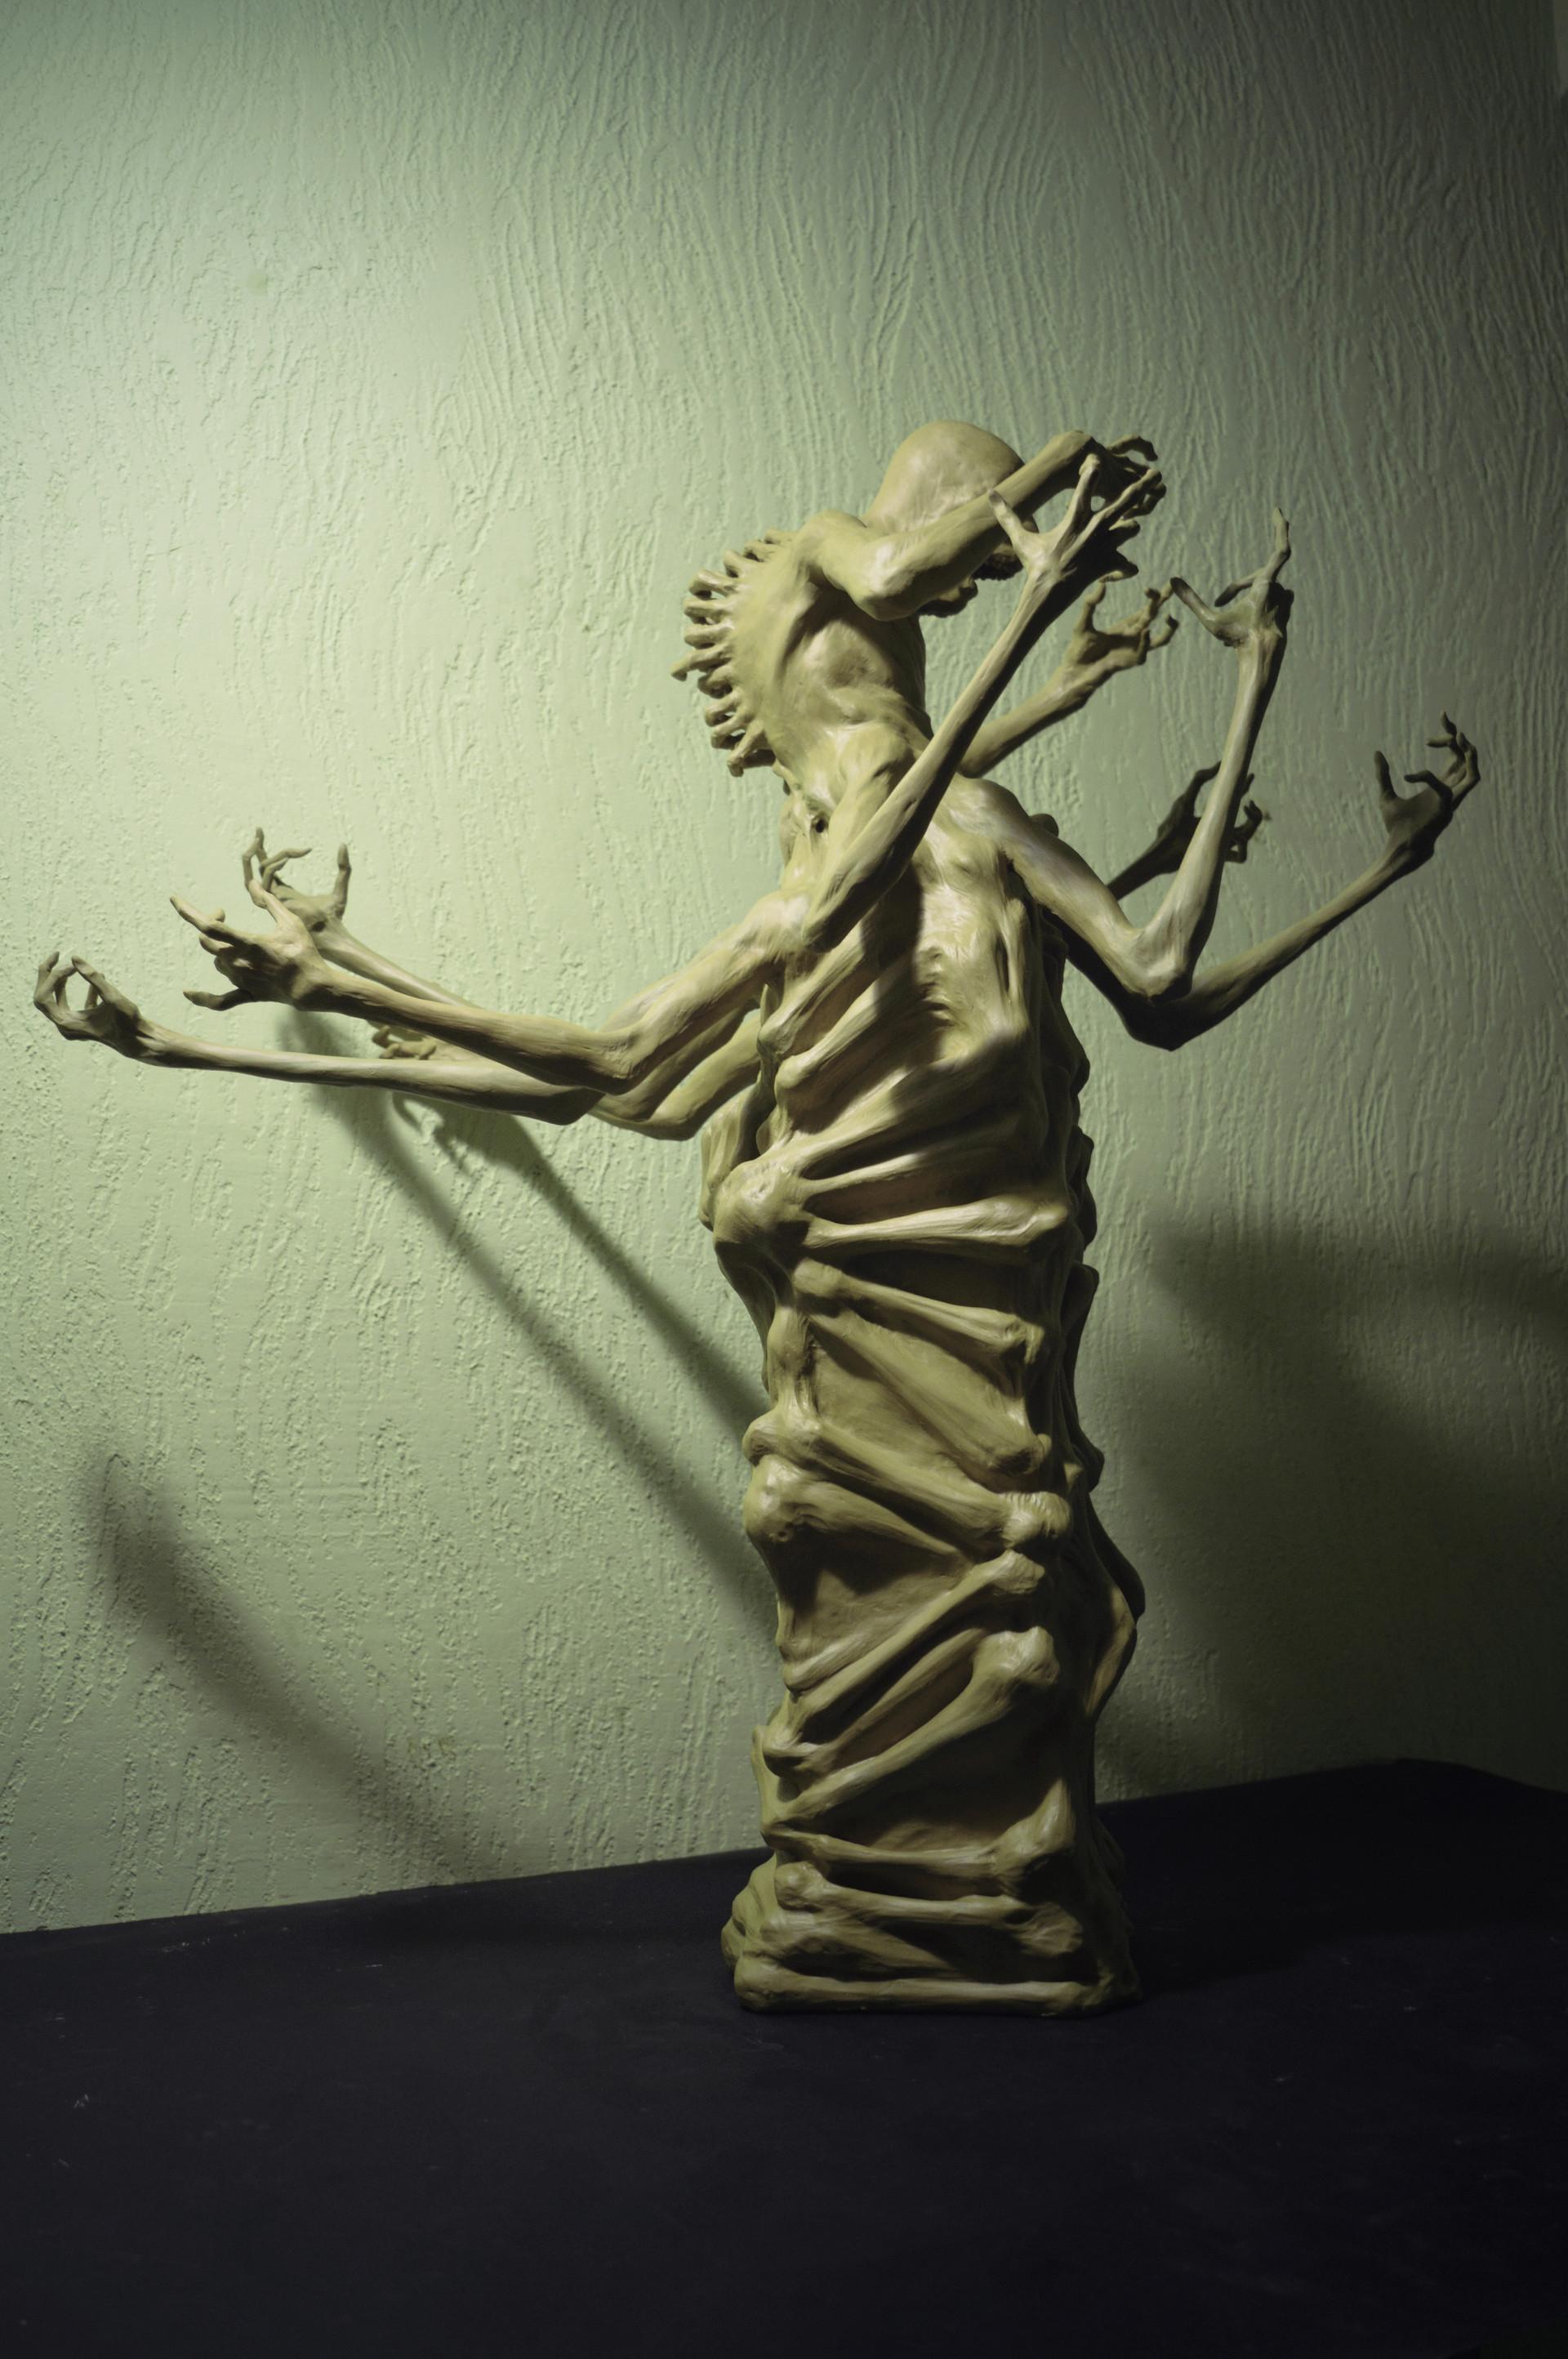 Sadan vague centipede v blind hunger 7